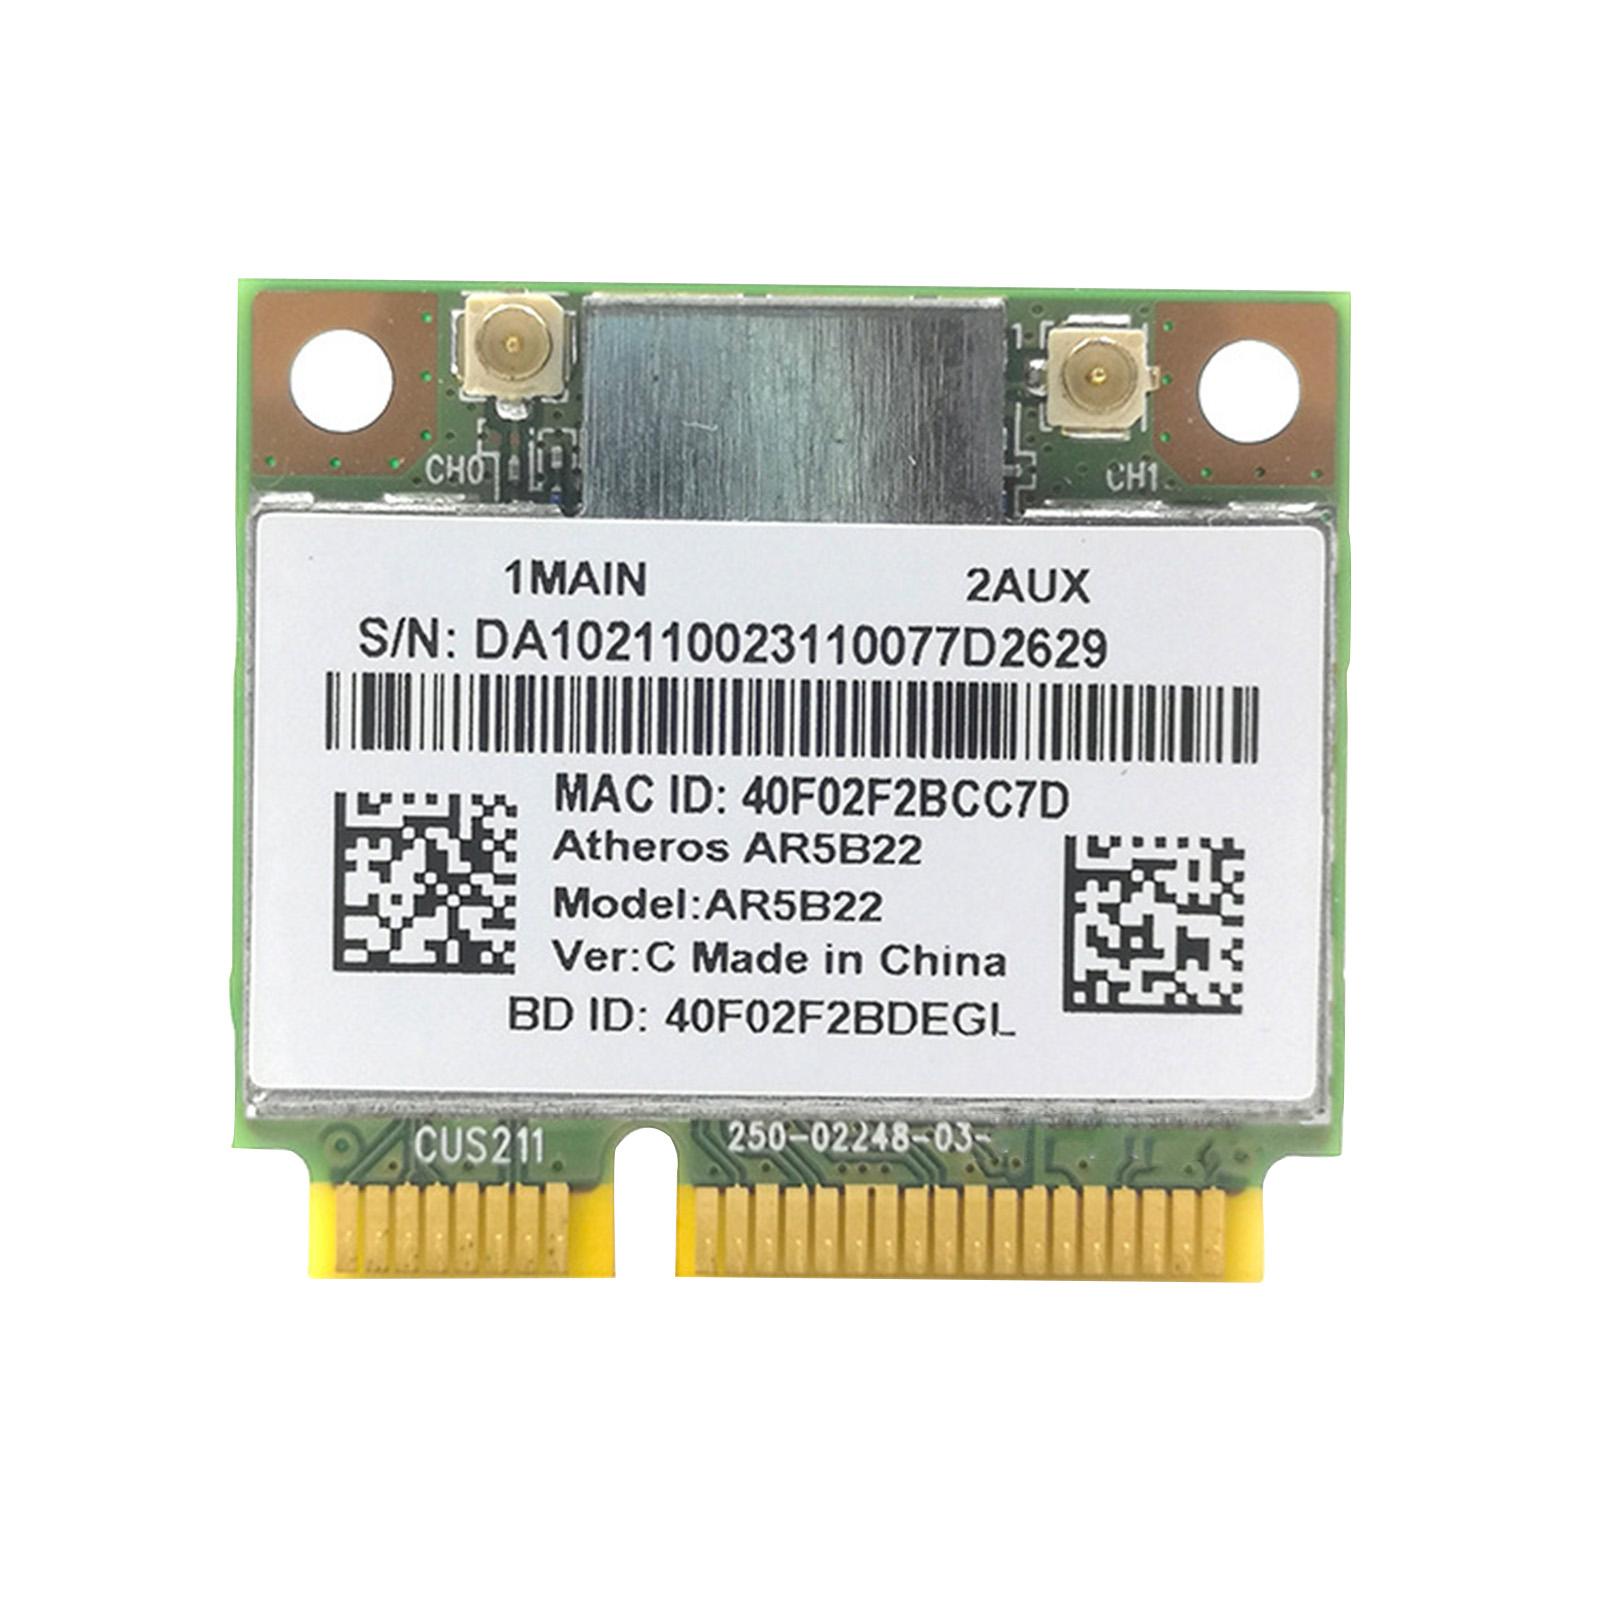 CozyySpace Card Mạng Không Dây Đáng Tin Cậy Thẻ WiFi Không Dây Băng Tần Kép 300Mbps 802.11A B G N 802.11A B G N, Cho Máy Tính Để Bàn thumbnail